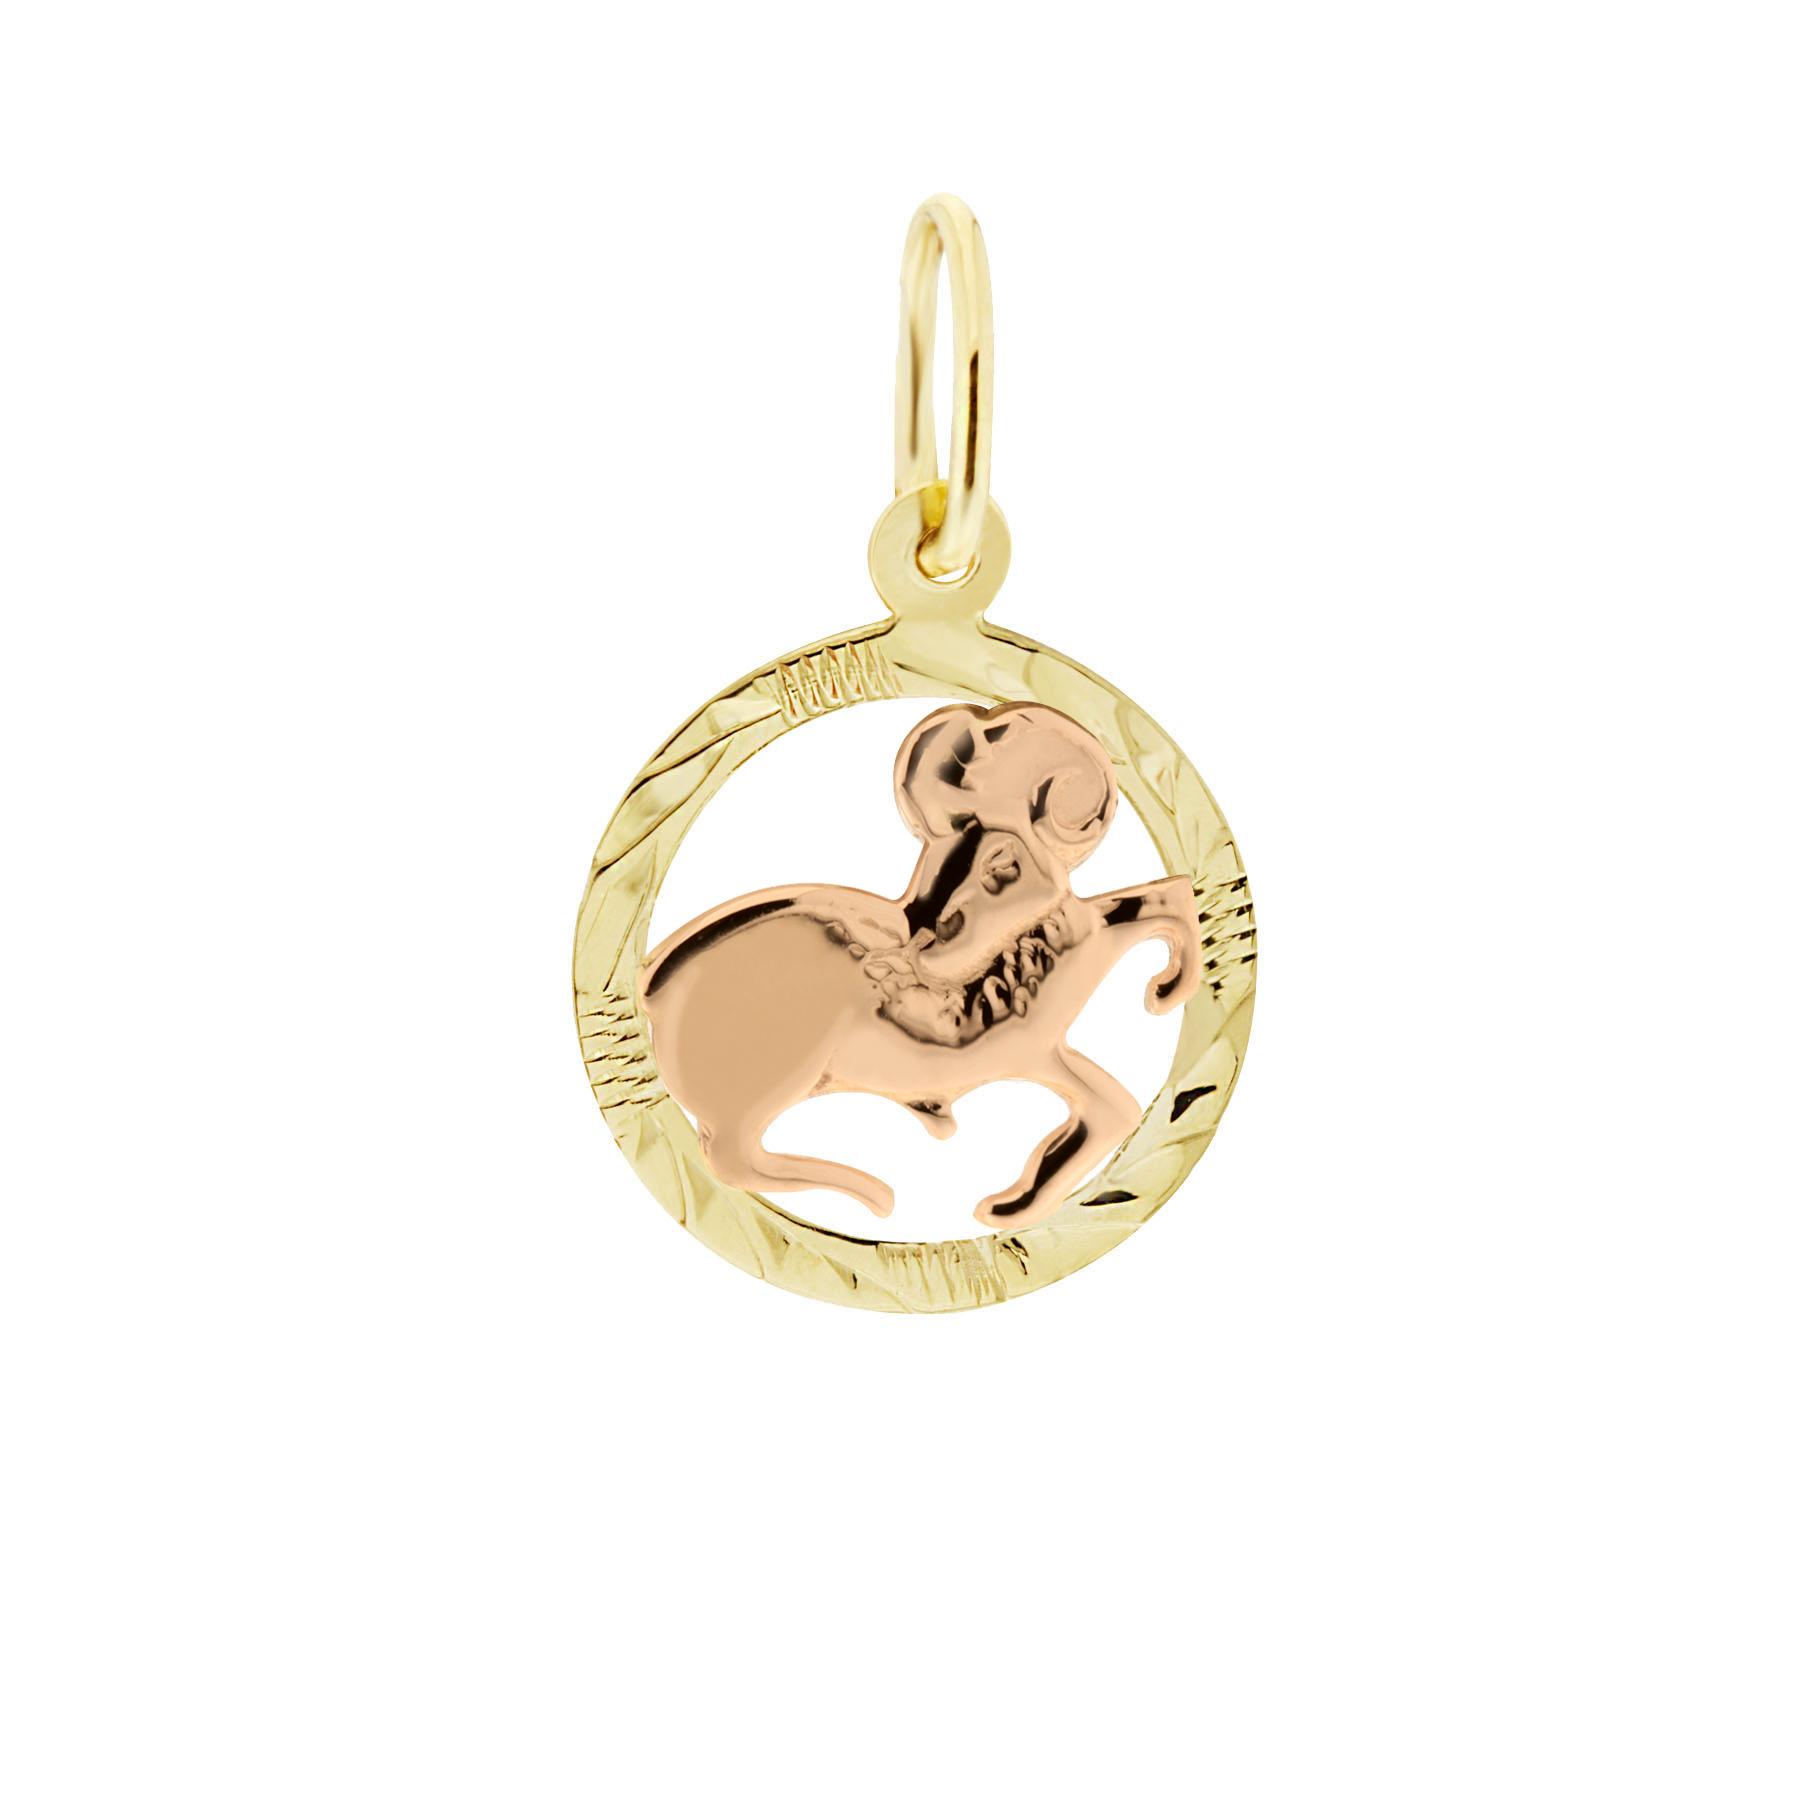 Zlatý přívěsek - znamení zvěrokruhu Beran Tvar: Kolečko, rytý rámeček